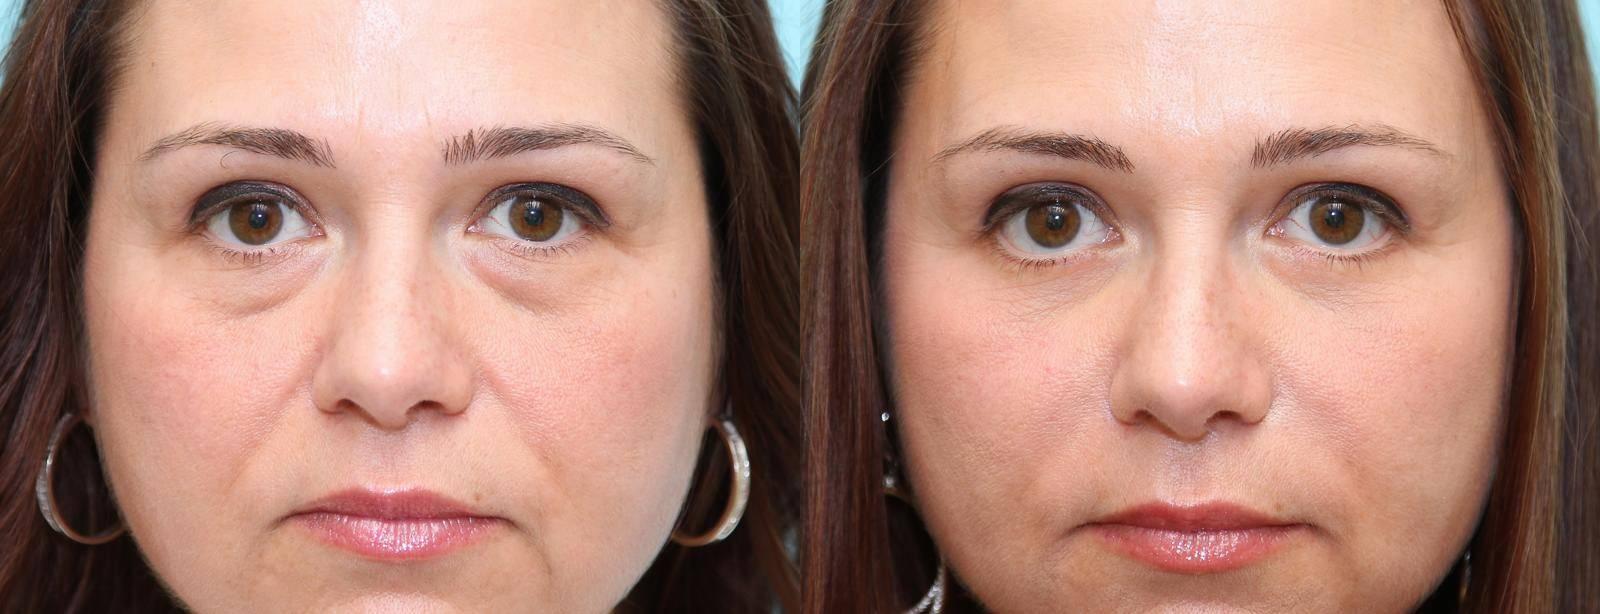 Что такое биоревитализация кожи вокруг глаз, кому подойдет и какой эффект даст